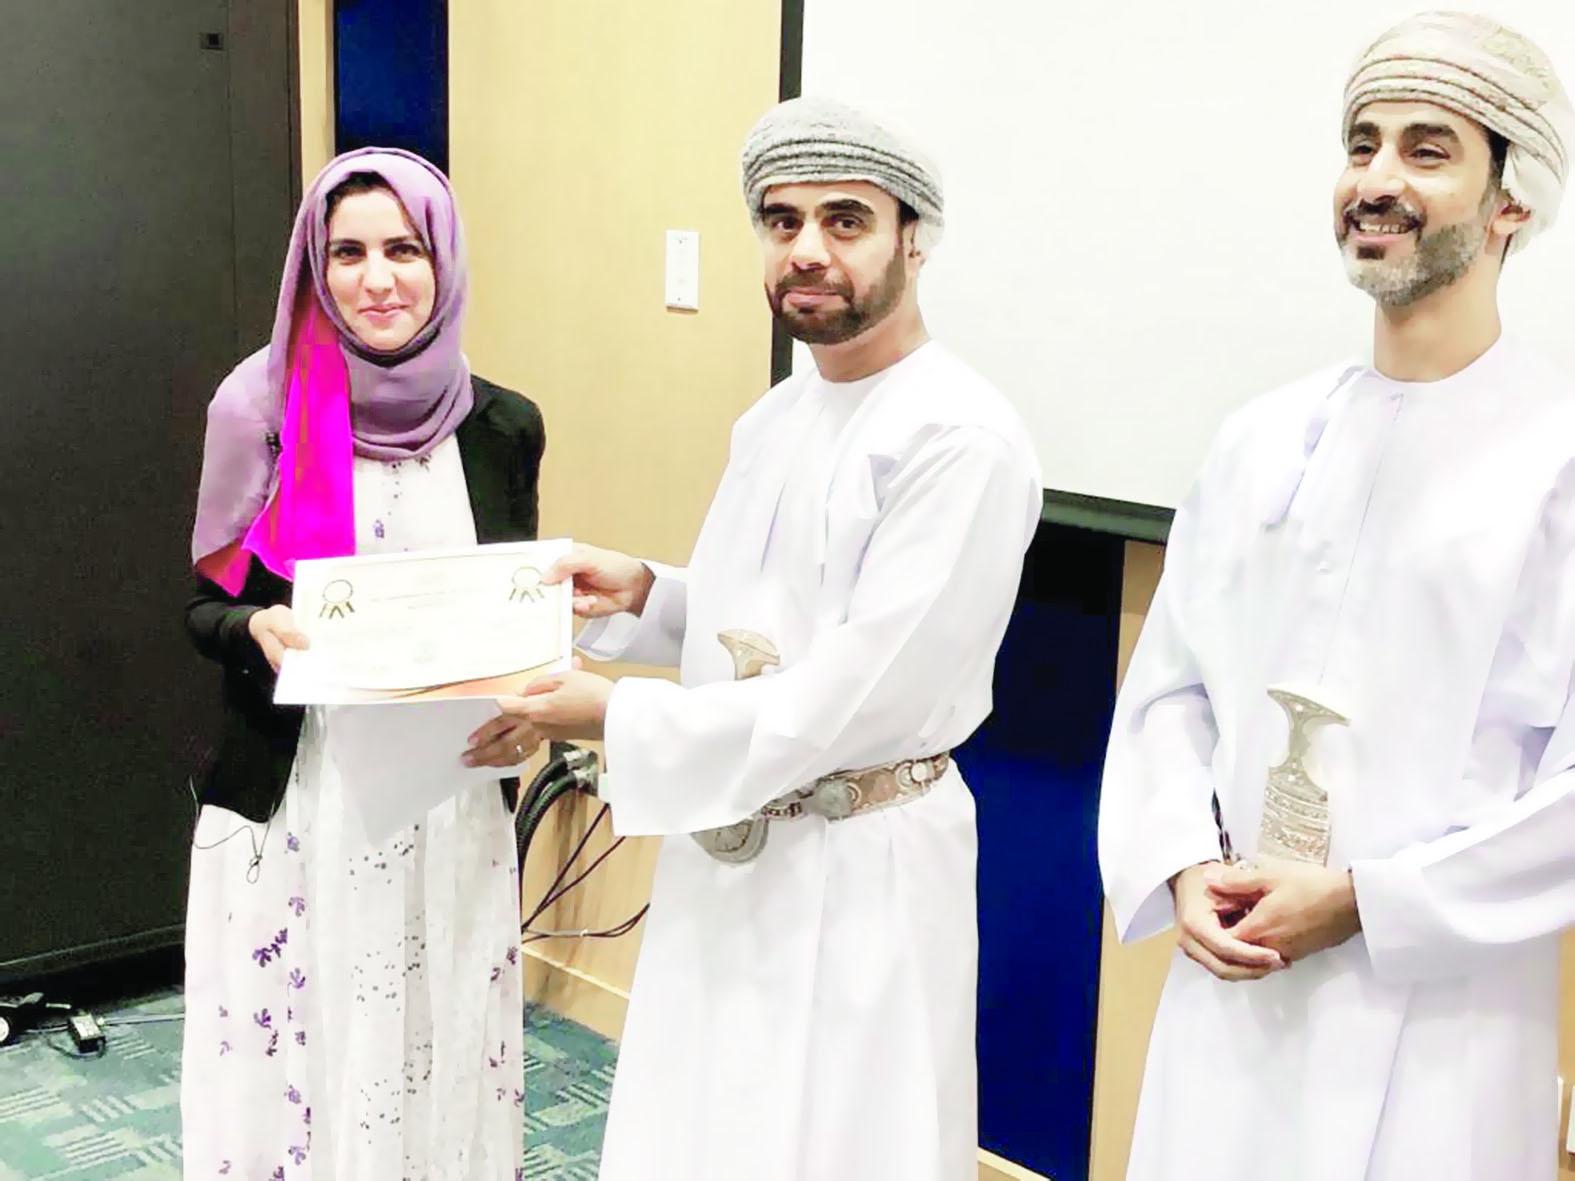 مركز جراحة القلب بالمستشفى السلطاني يُكرم الموظفين المجيدين